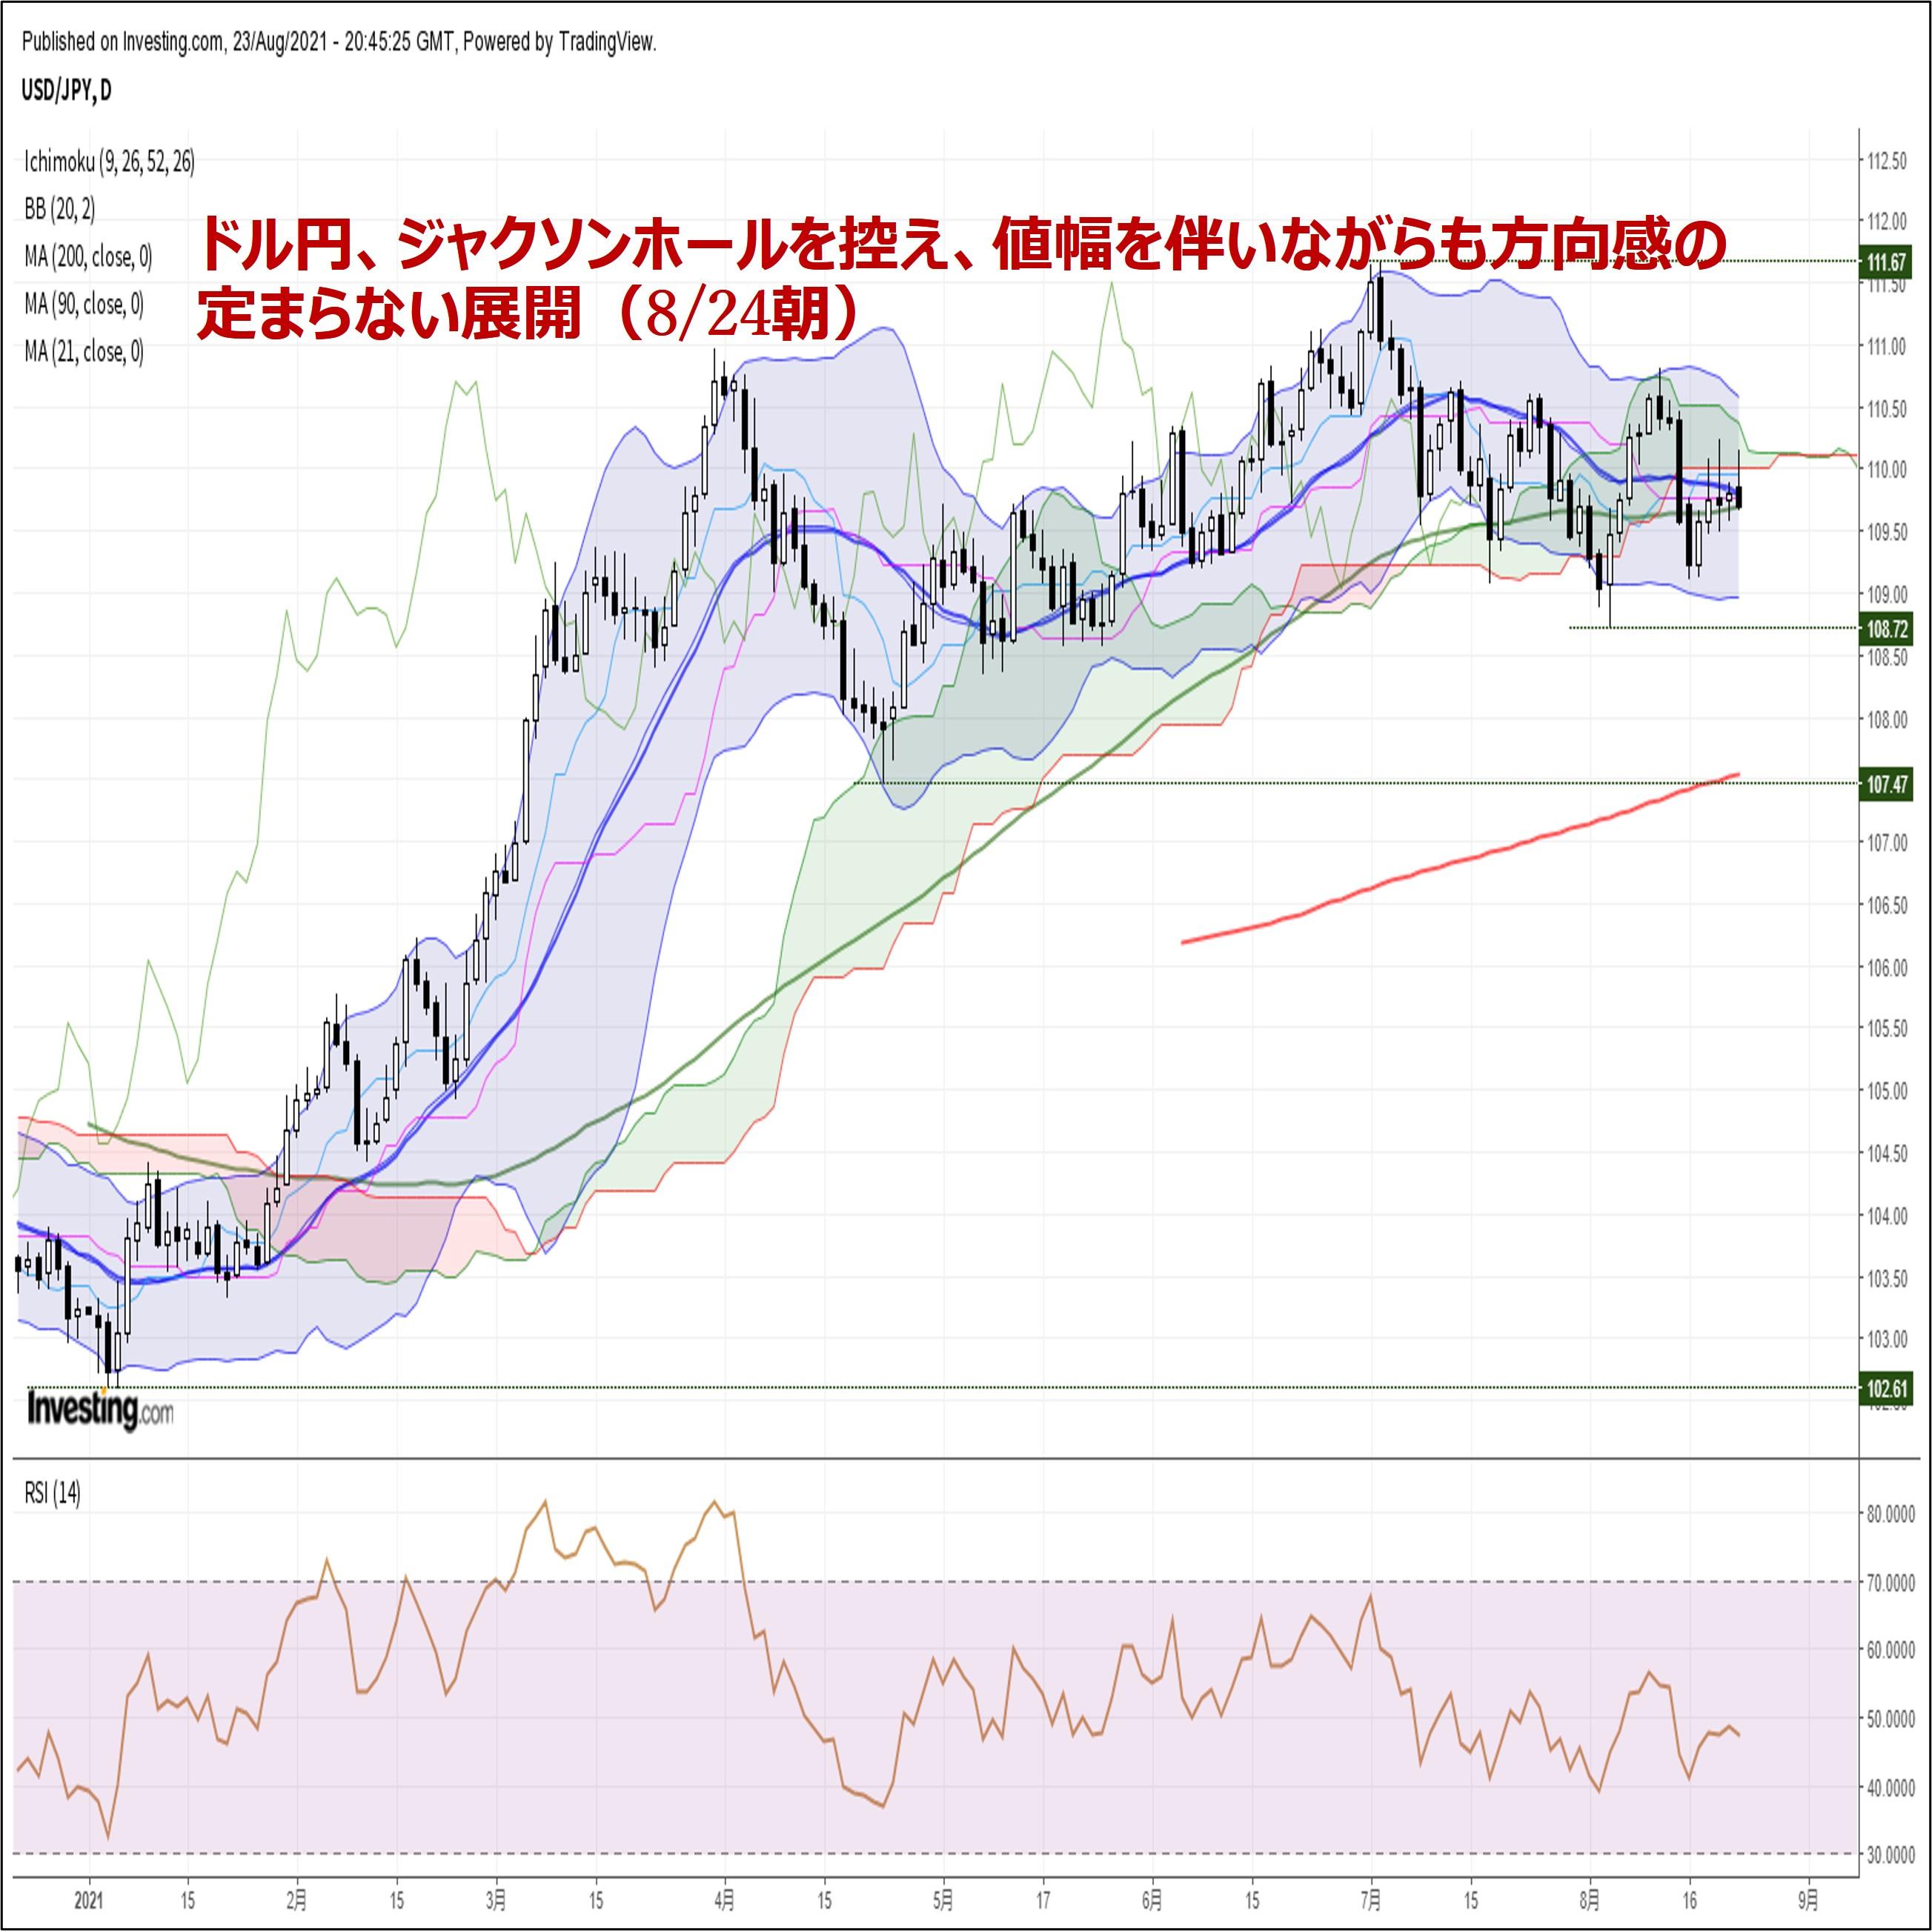 ドル円、ジャクソンホールを控え、値幅を伴いながらも方向感の定まらない展開(8/24朝)